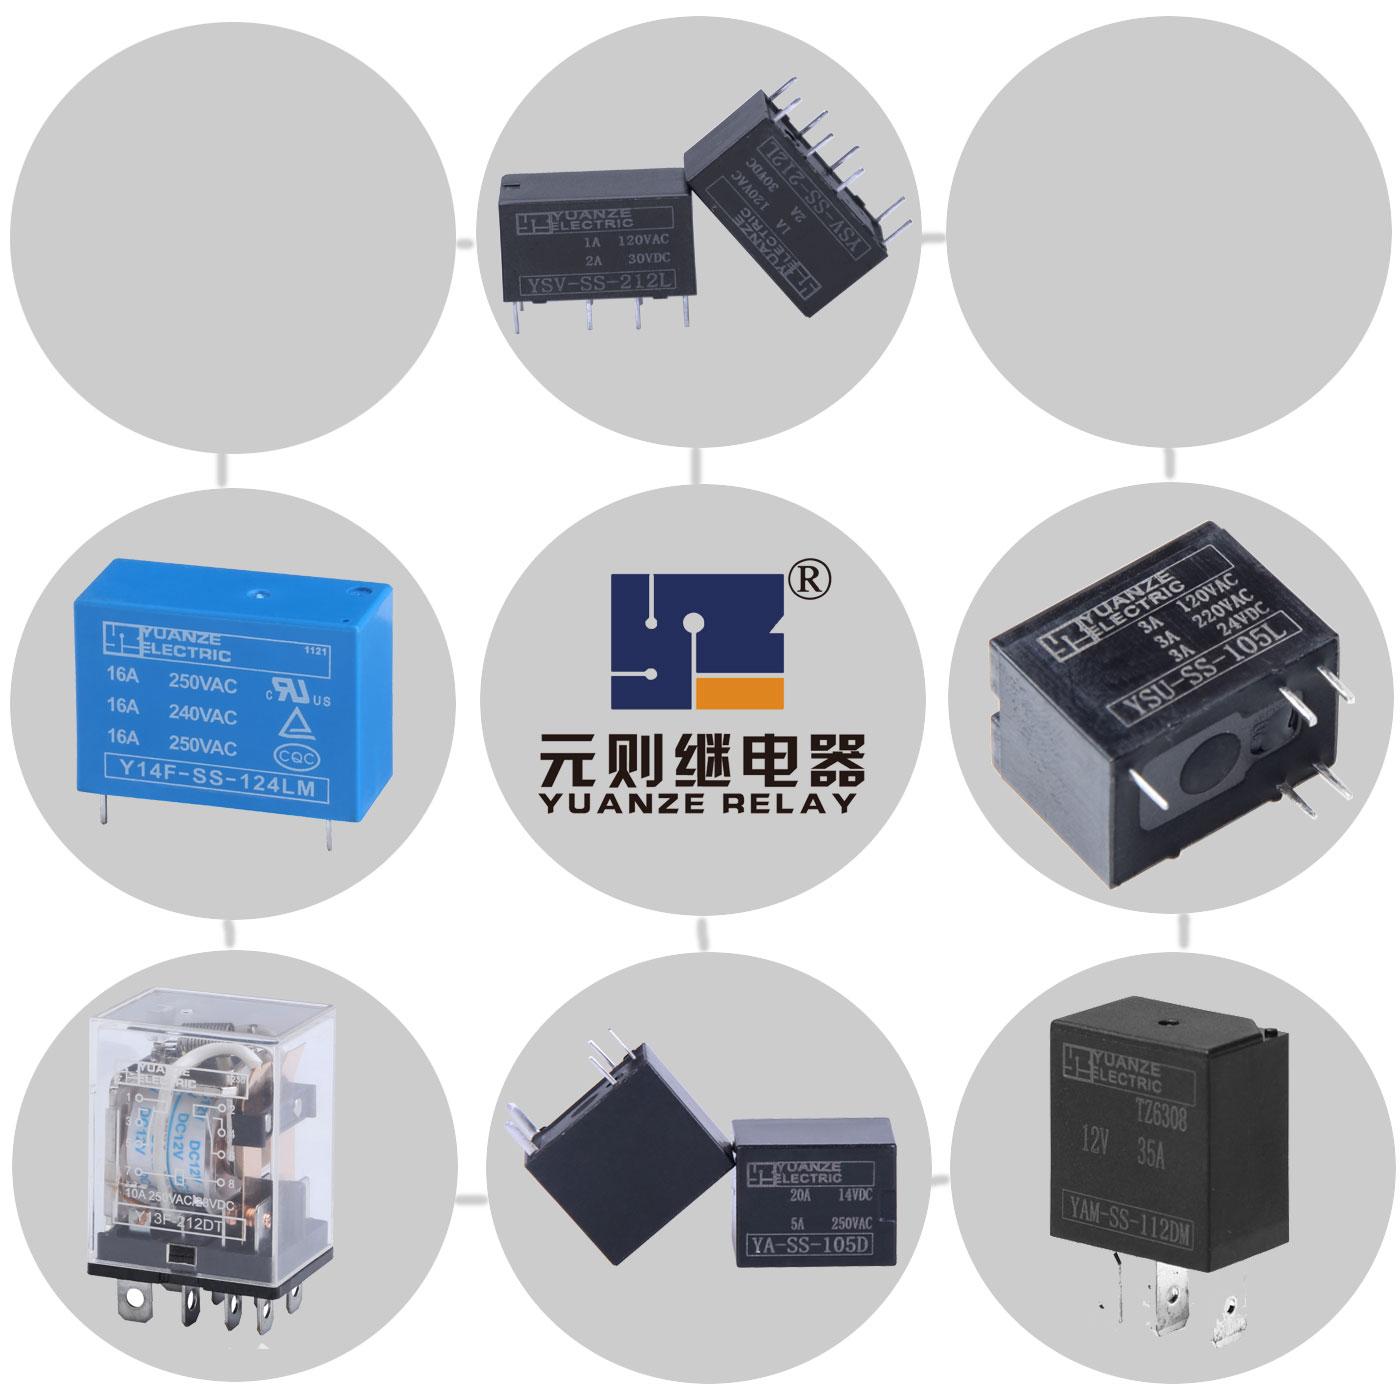 关于电磁继电器的四大作用